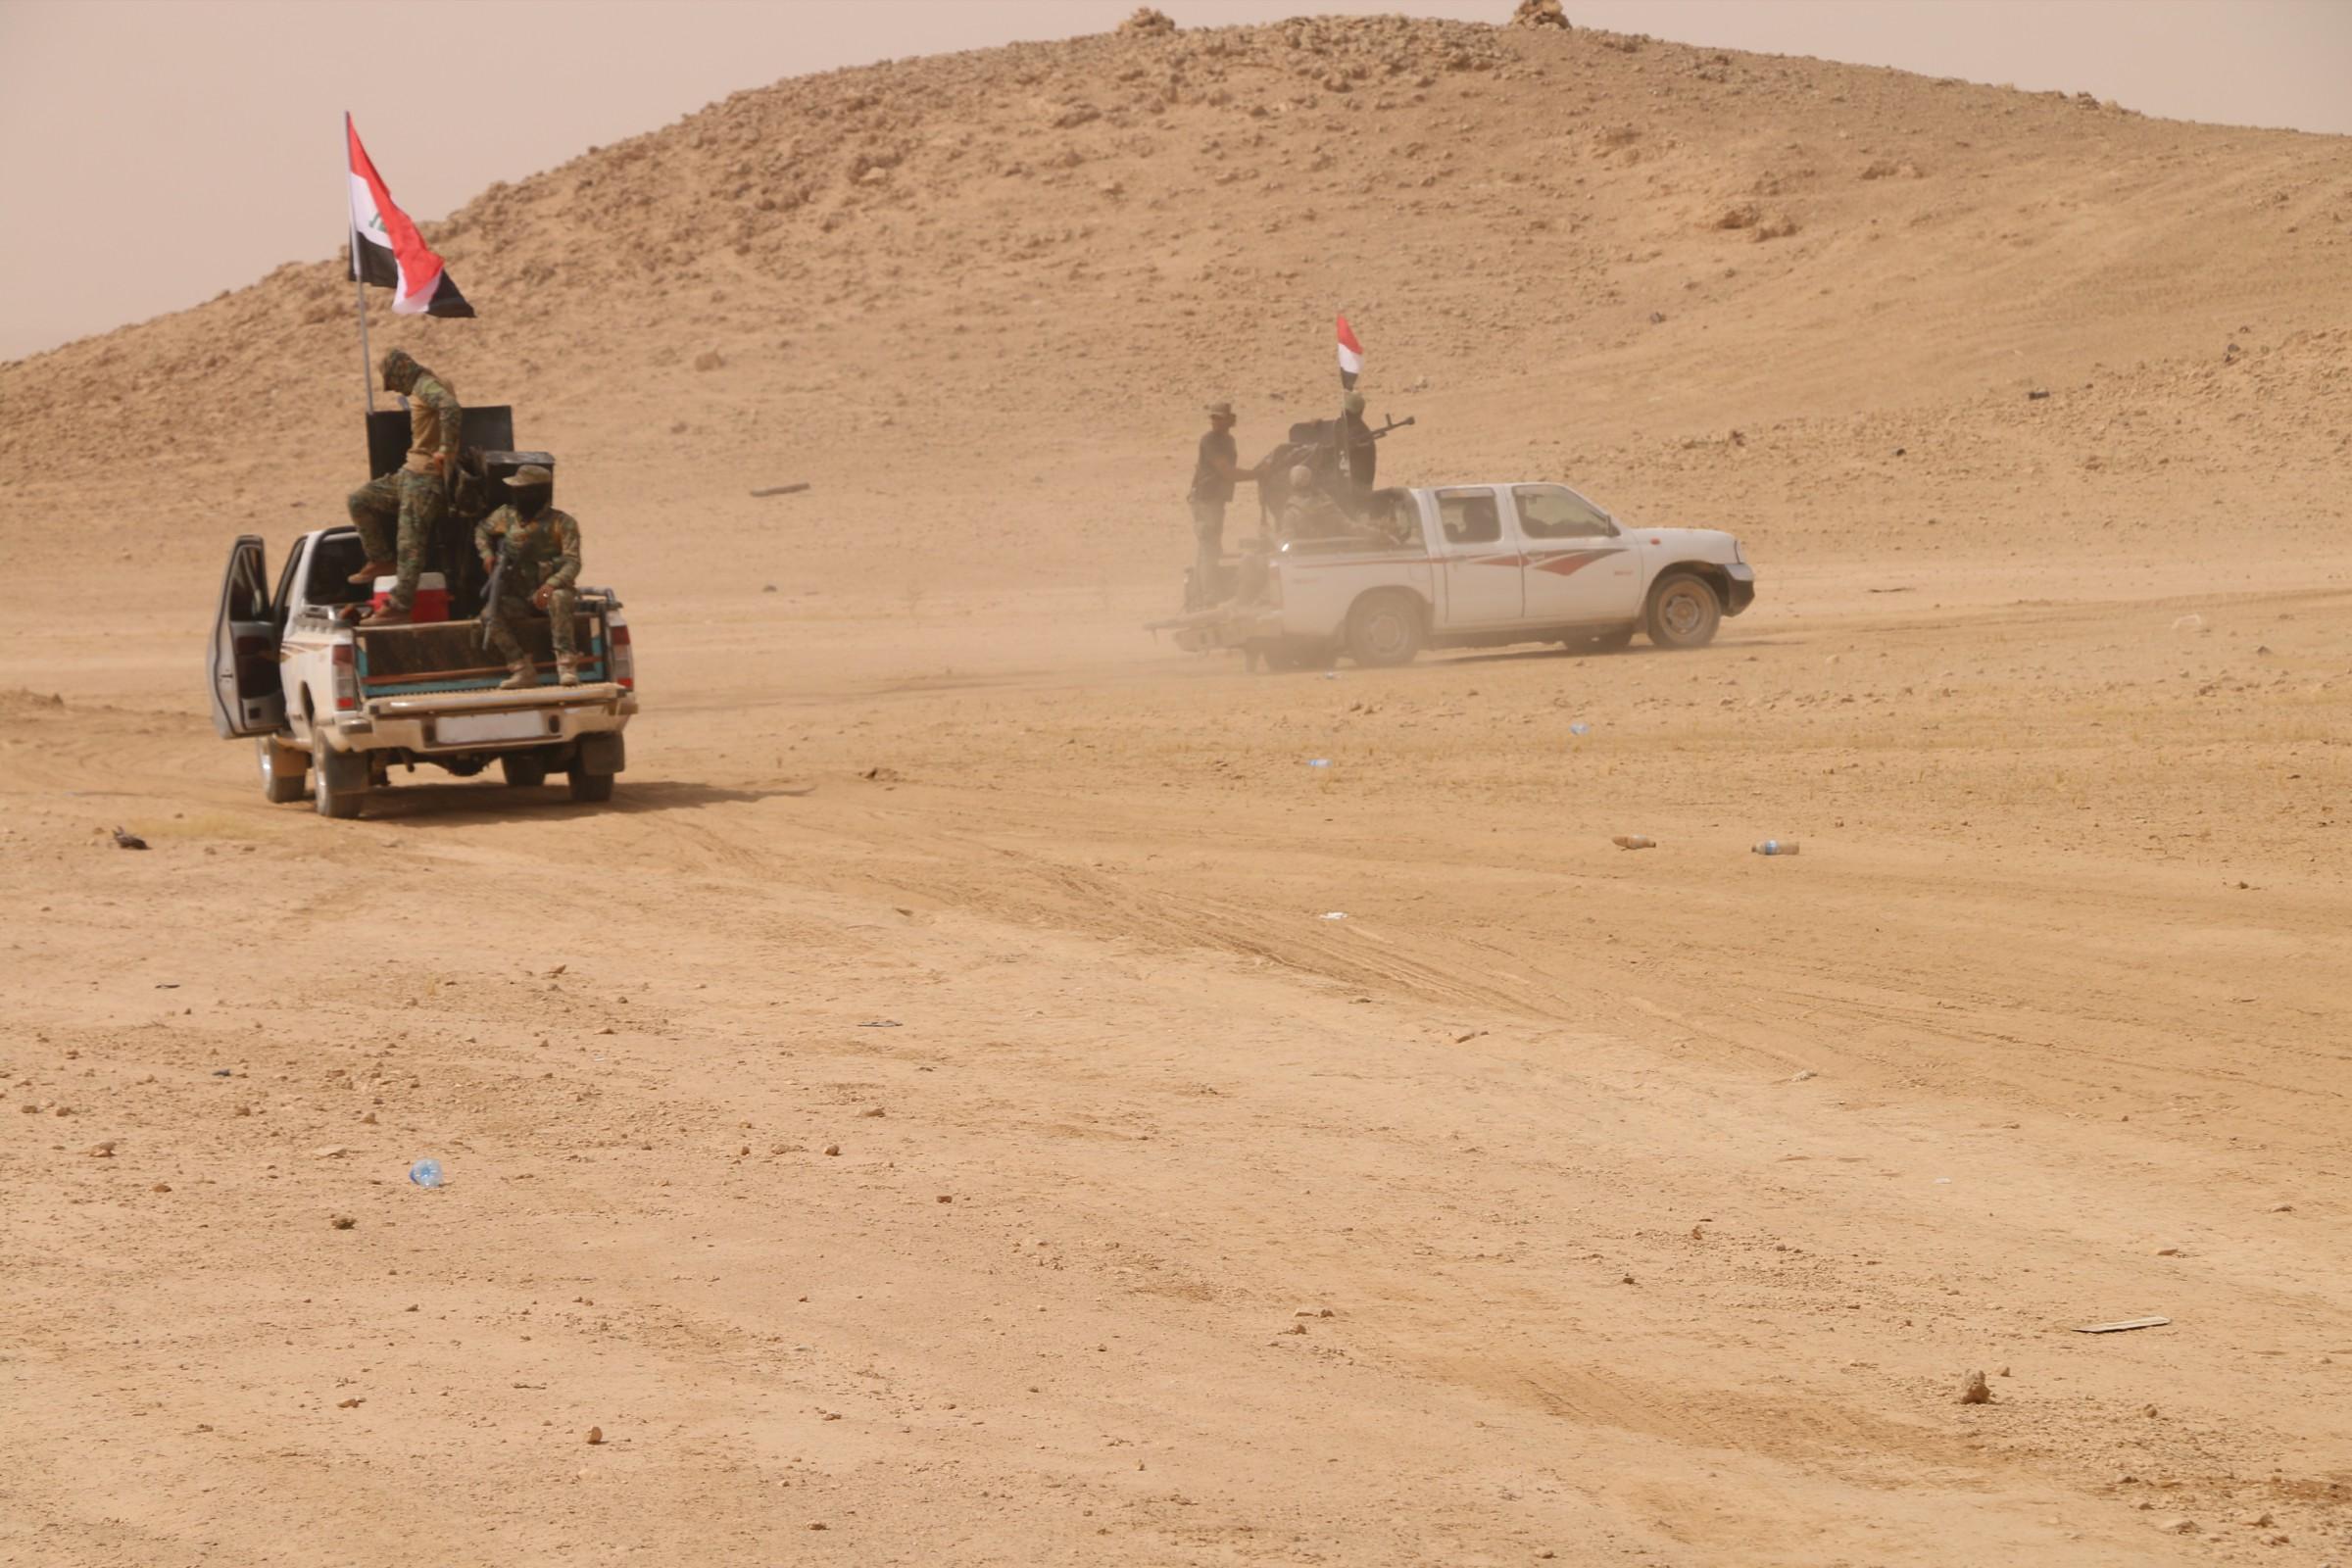 """القوات الأمنية والعشائر تقتل ثلاثة عناصر من """"داعش"""" قرب بحيرة الثرثار"""